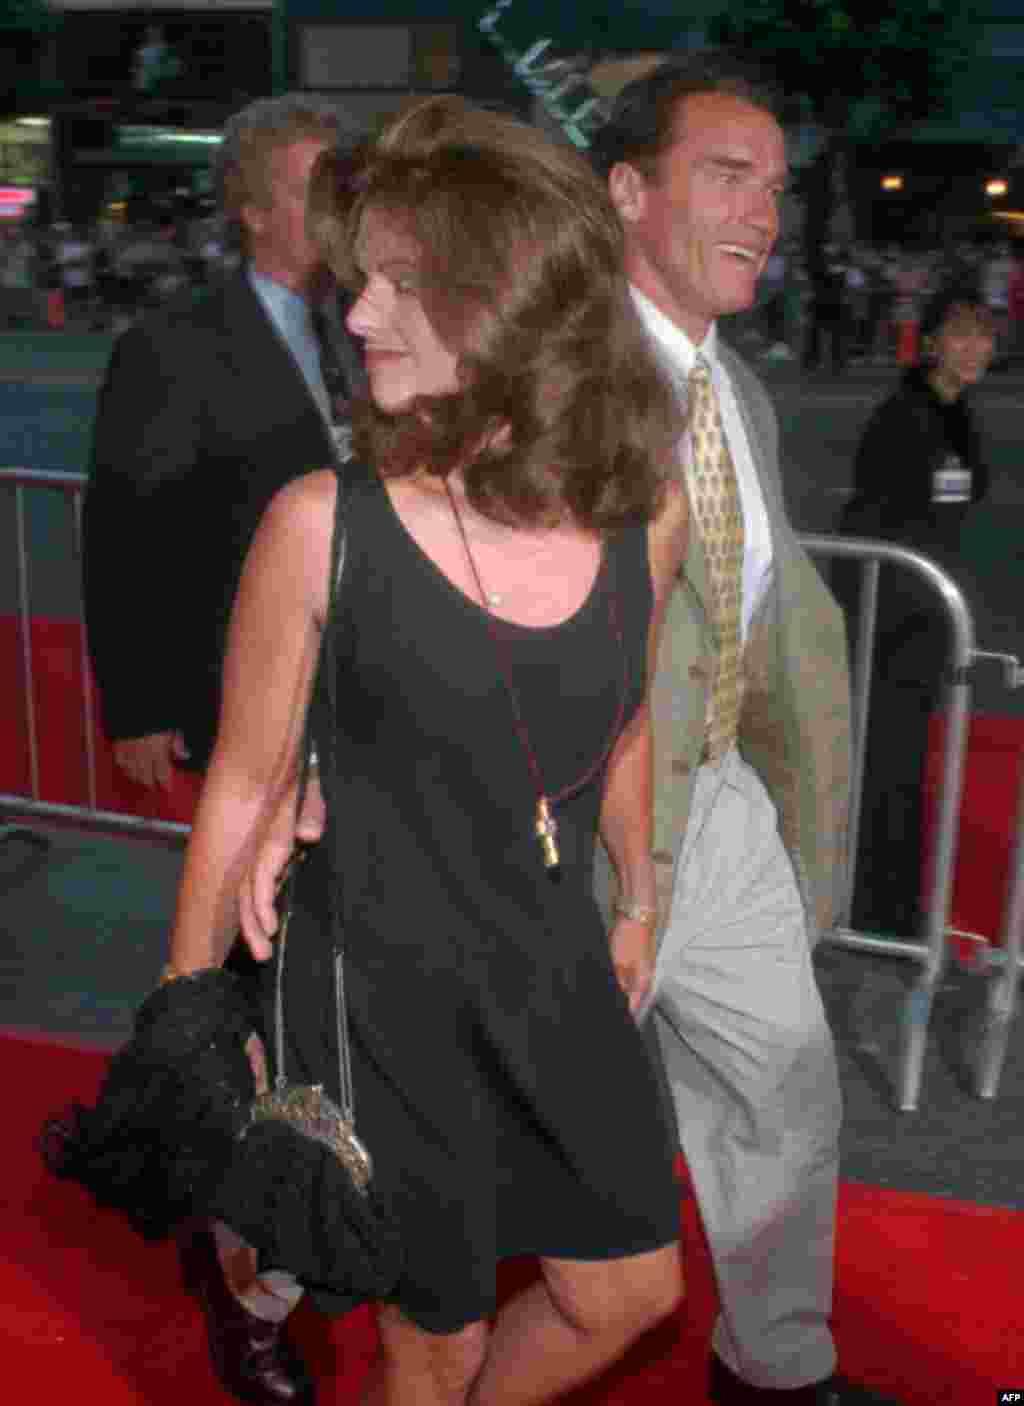 Мария Шрайвер и Арнольд Шварценеггер прибыли на мировую премьеру нового фильма «Водный мир», 26 июля 1995г.